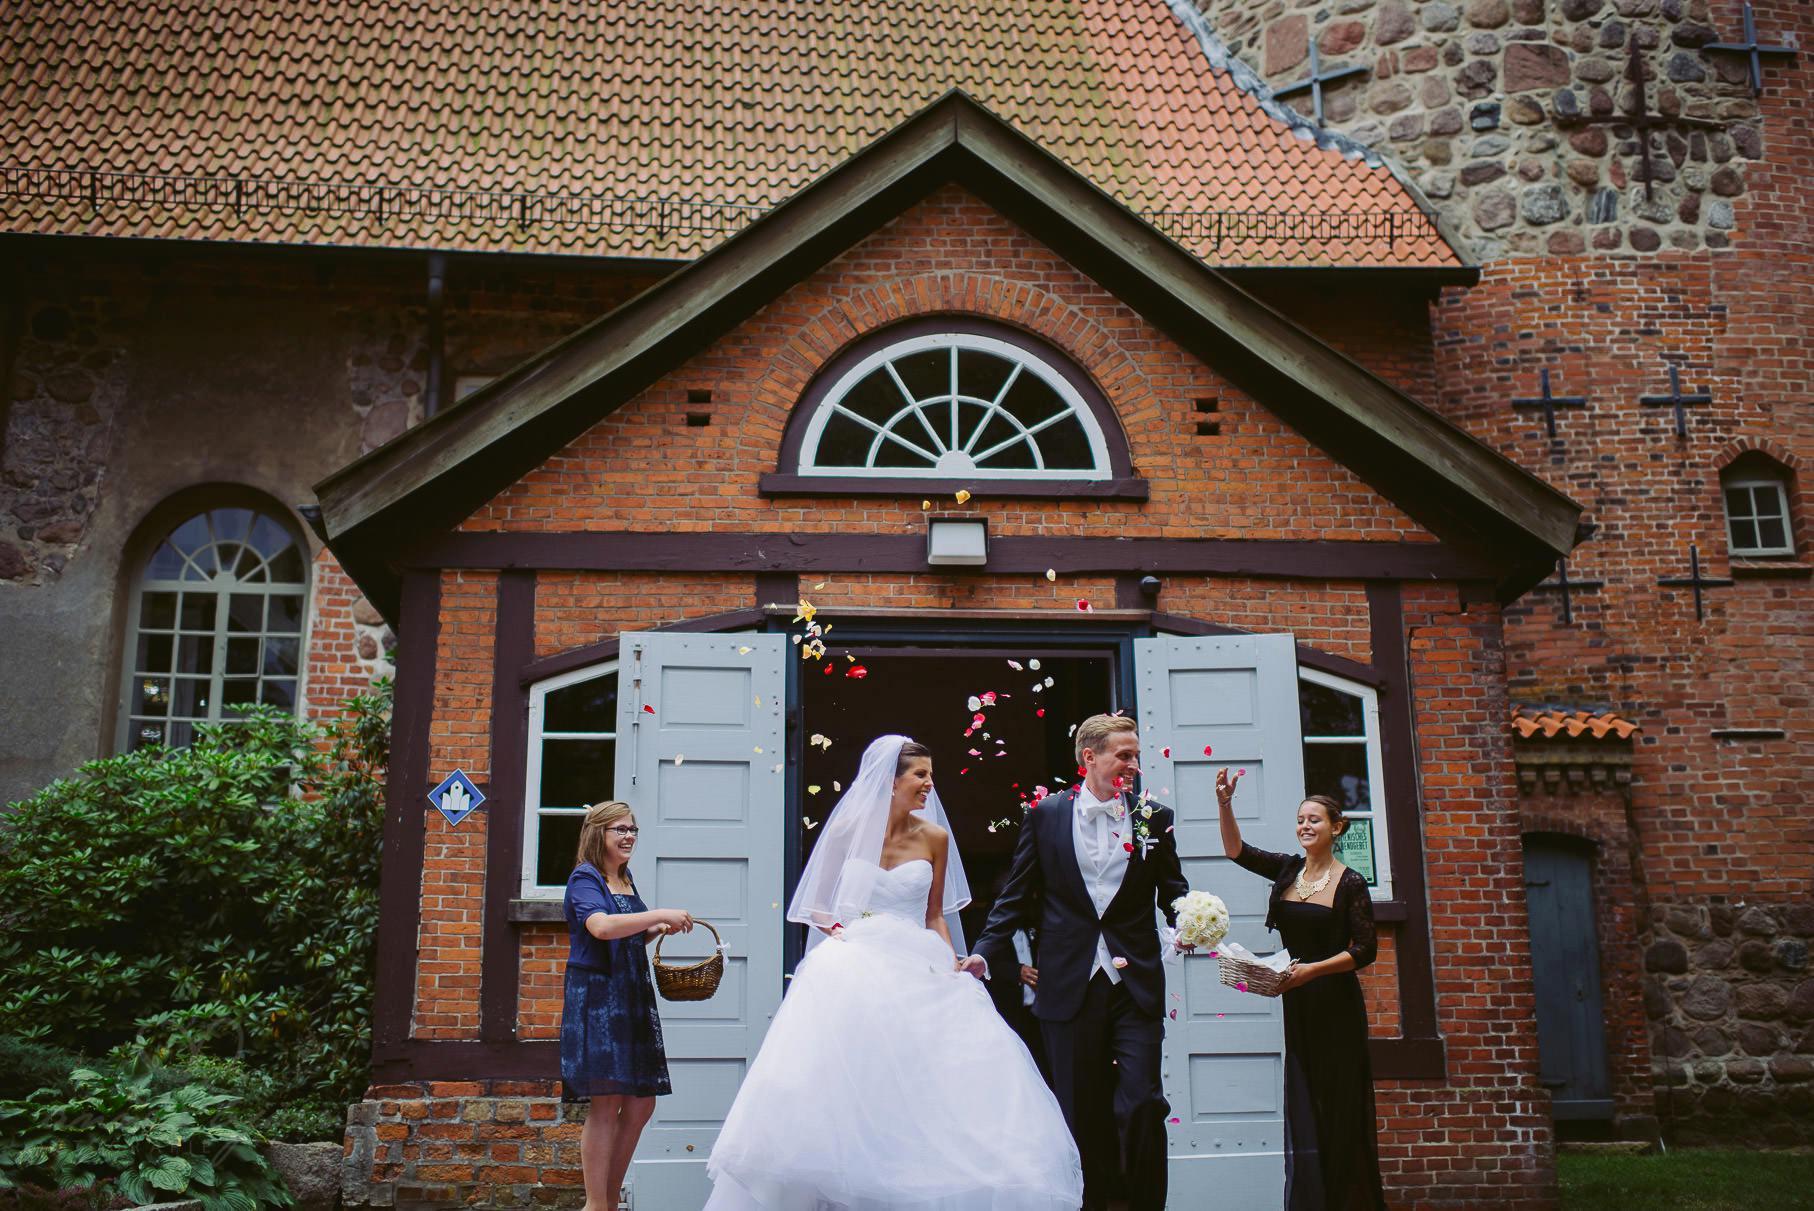 0032 hochzeit zollenspieker faehrhaus 812 8115 - Hochzeit im Zollenspieker Fährhaus - Magda-Lena & Thies